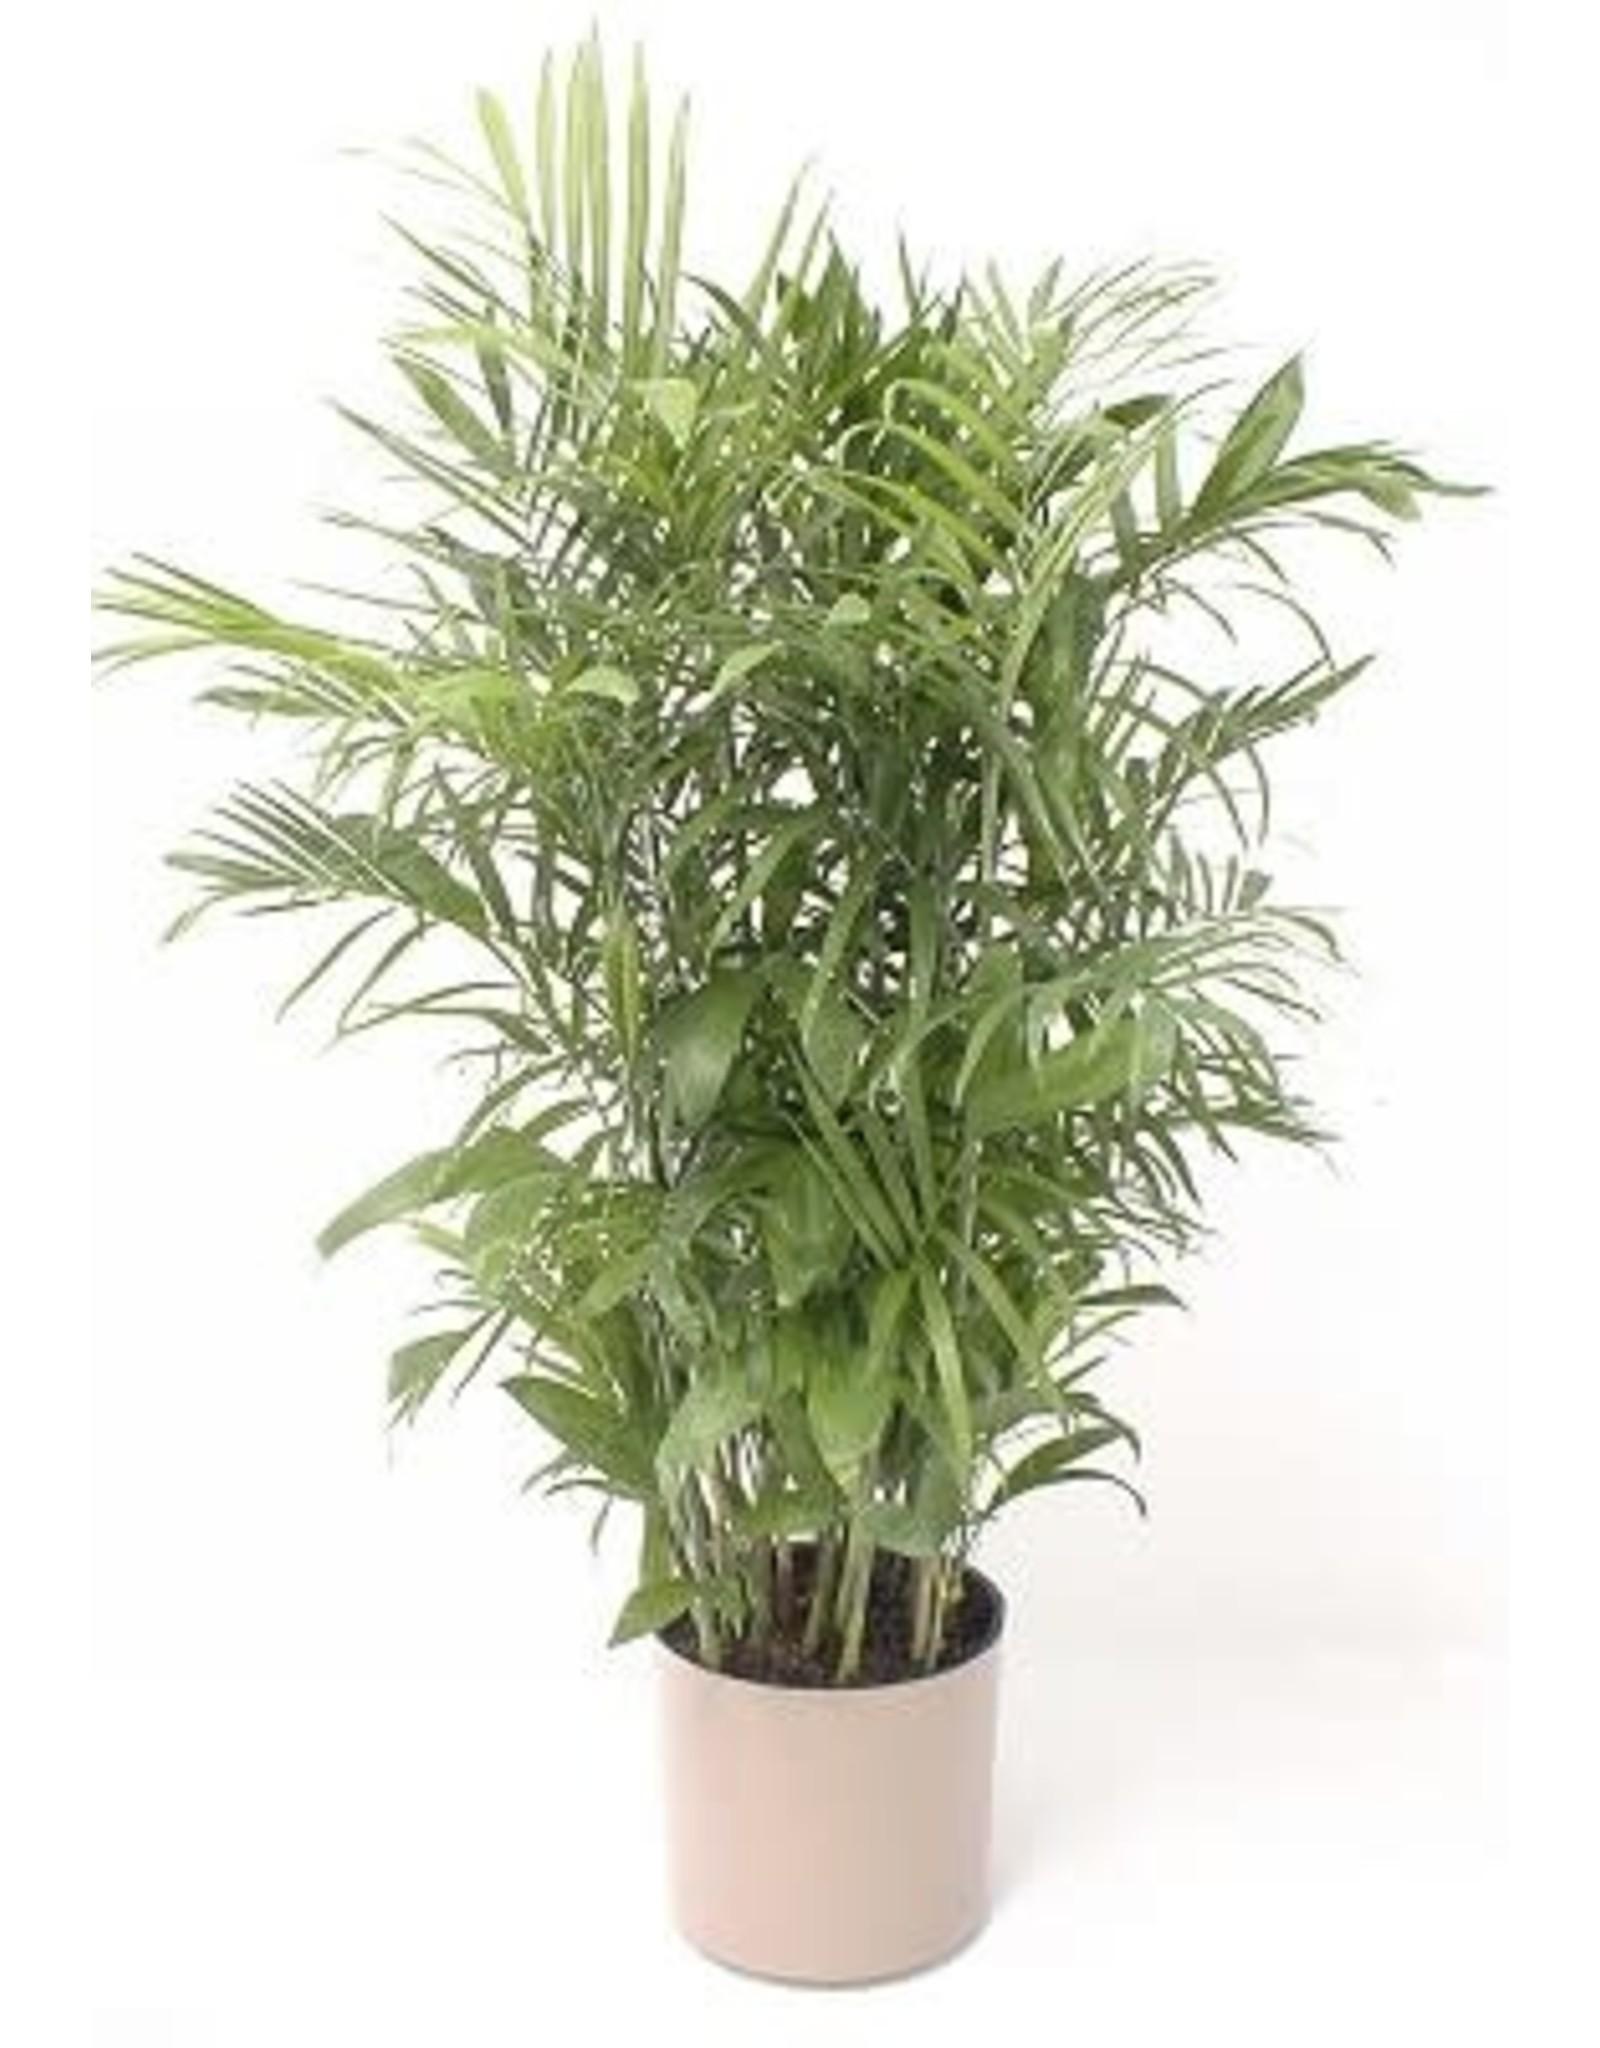 """Bamboo Palm - Chamaedorea Florida Hybrid 14"""""""